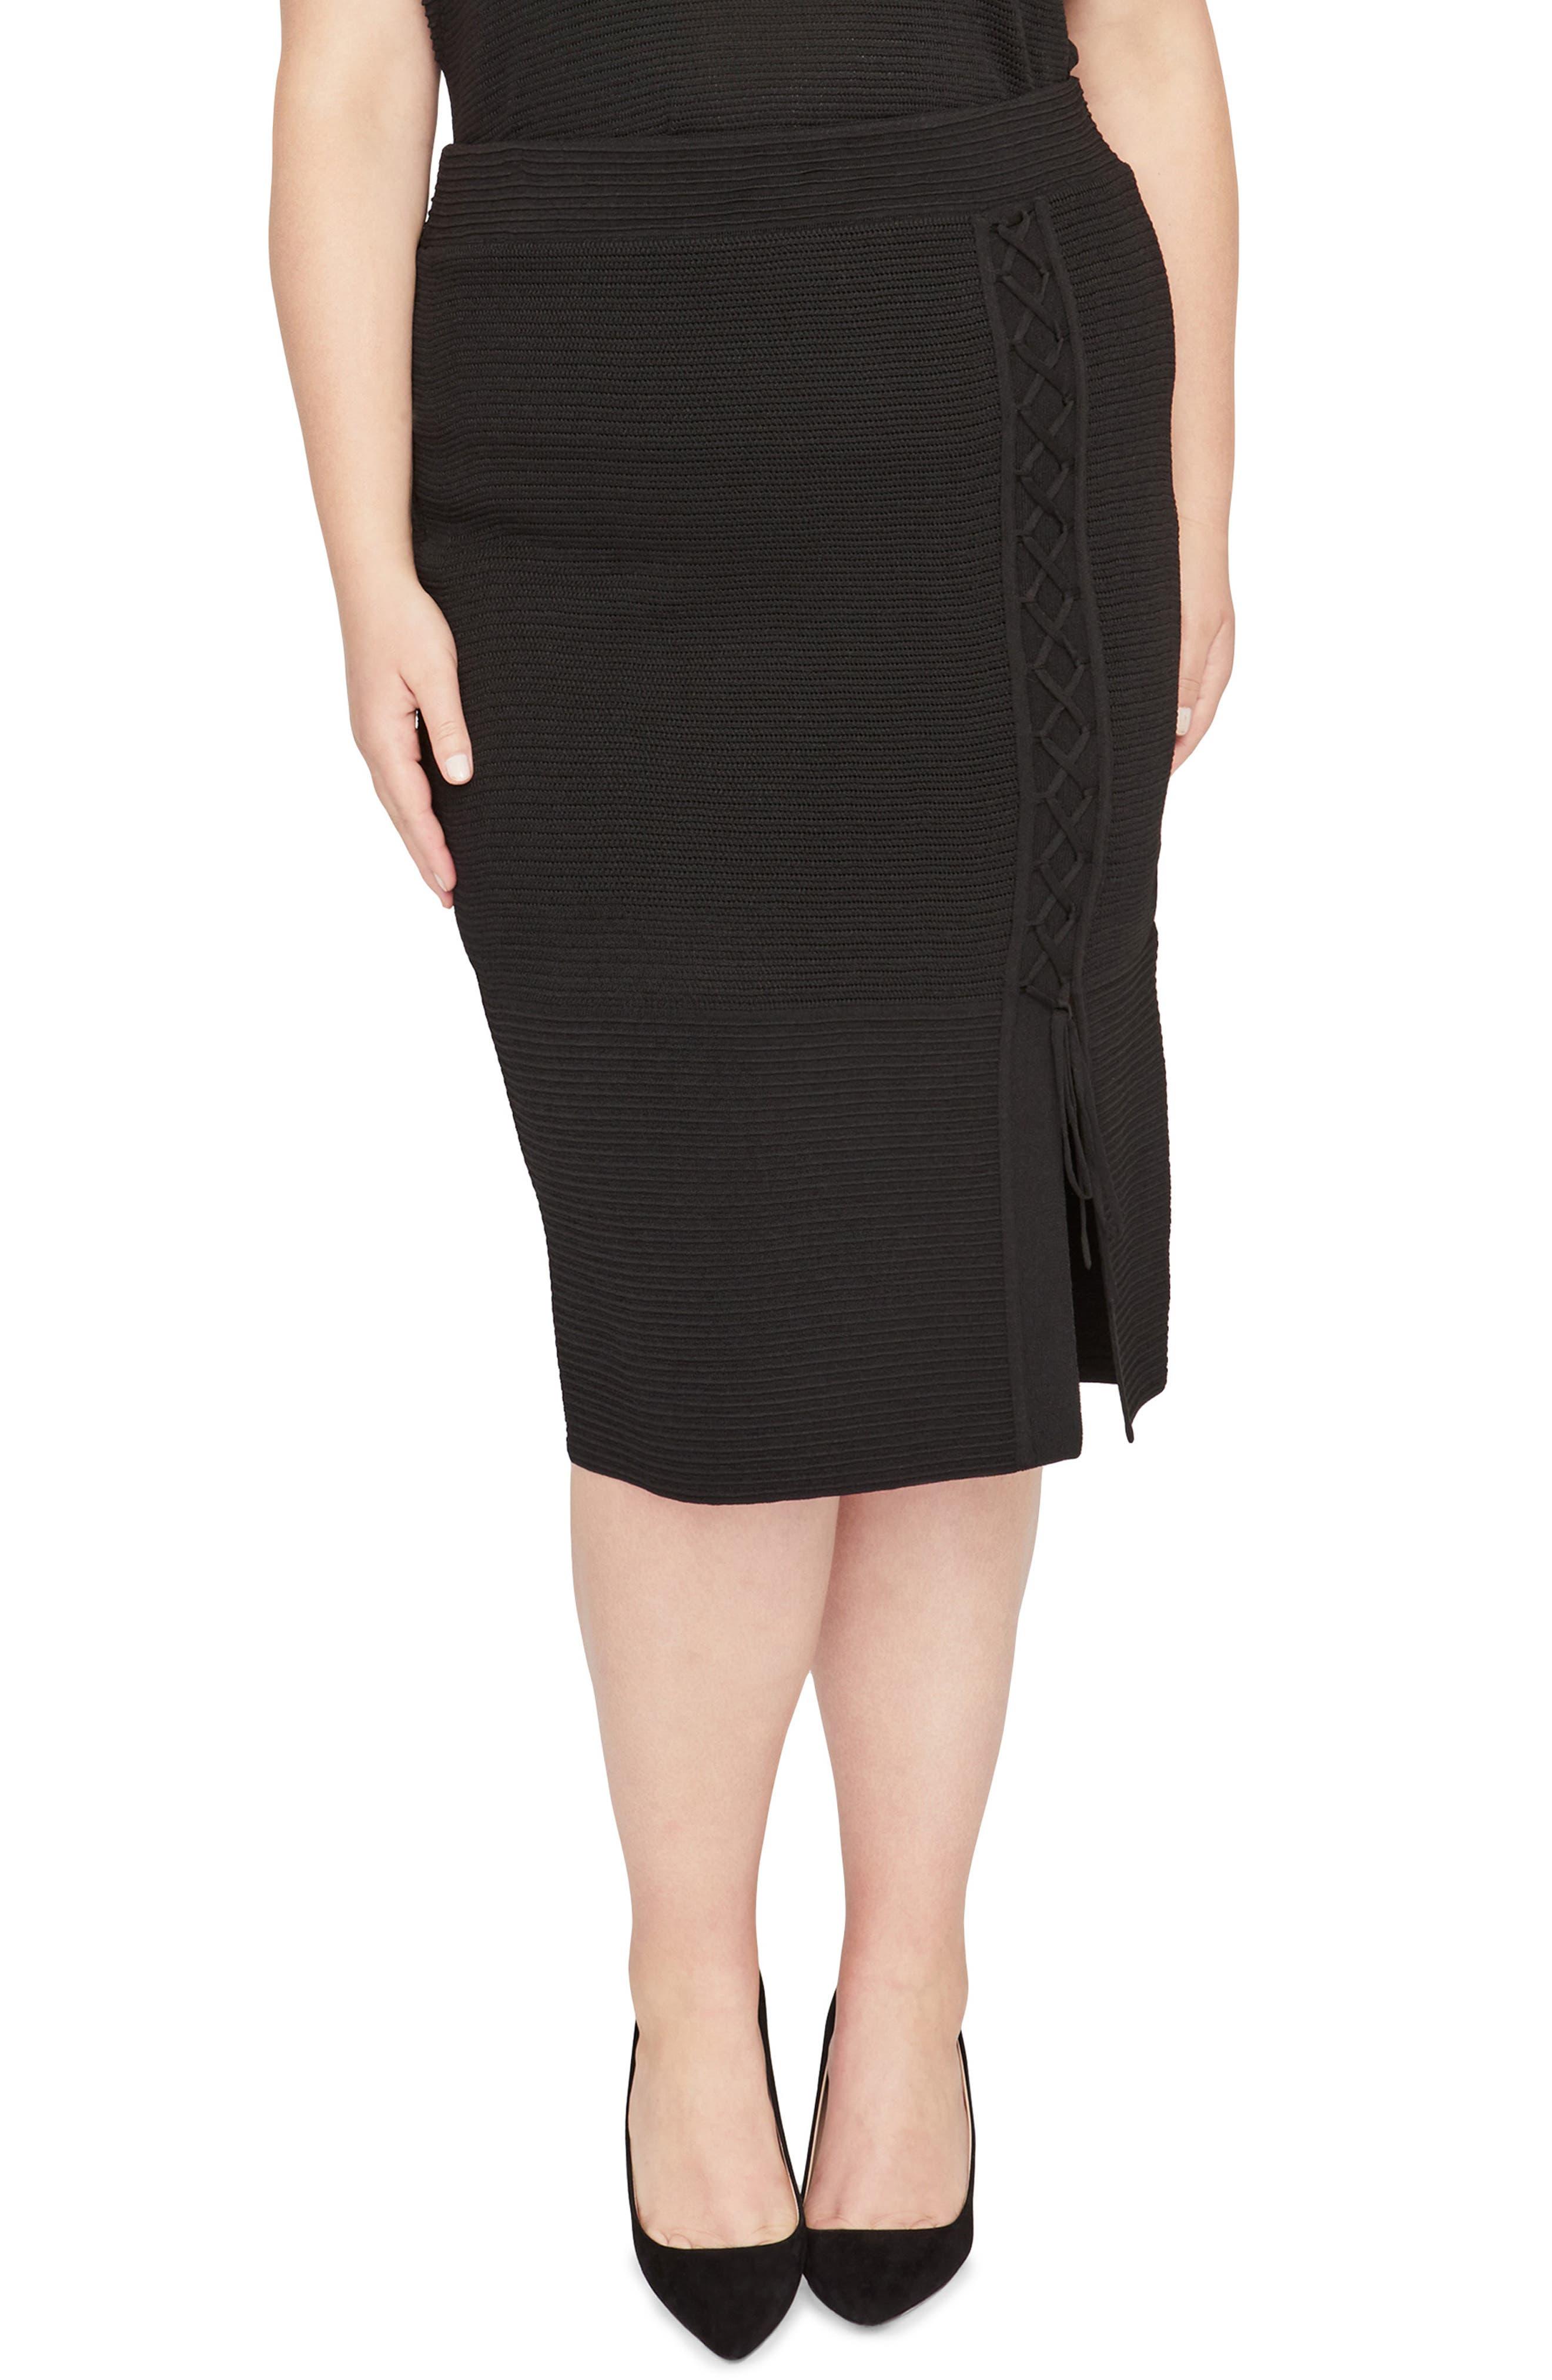 Rachel Roy Lace Up Pencil Skirt, Main, color, 001